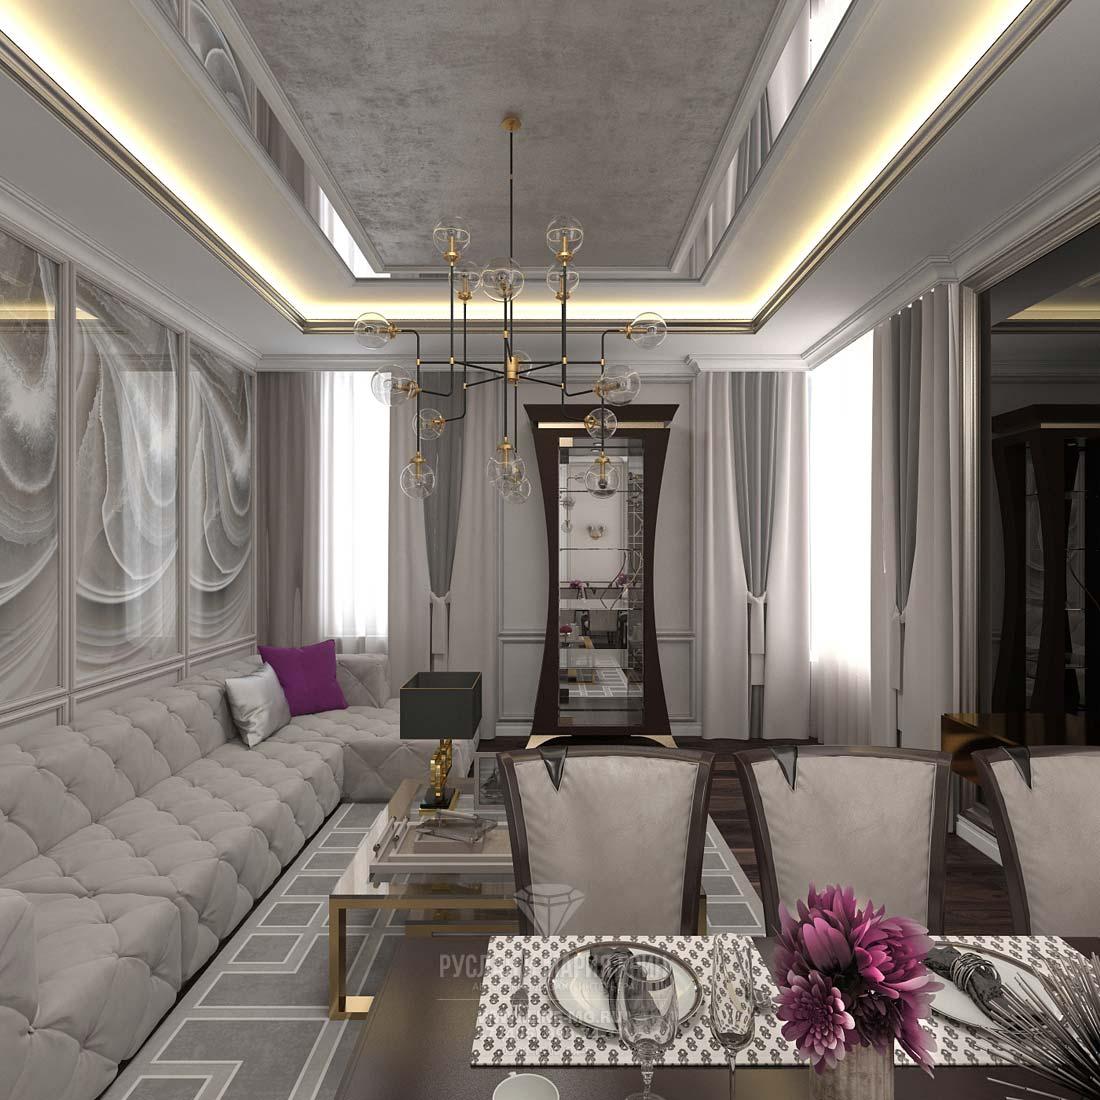 Элитный ремонт квартиры в Москве. Фото интерьера в ЖК «Достояние»